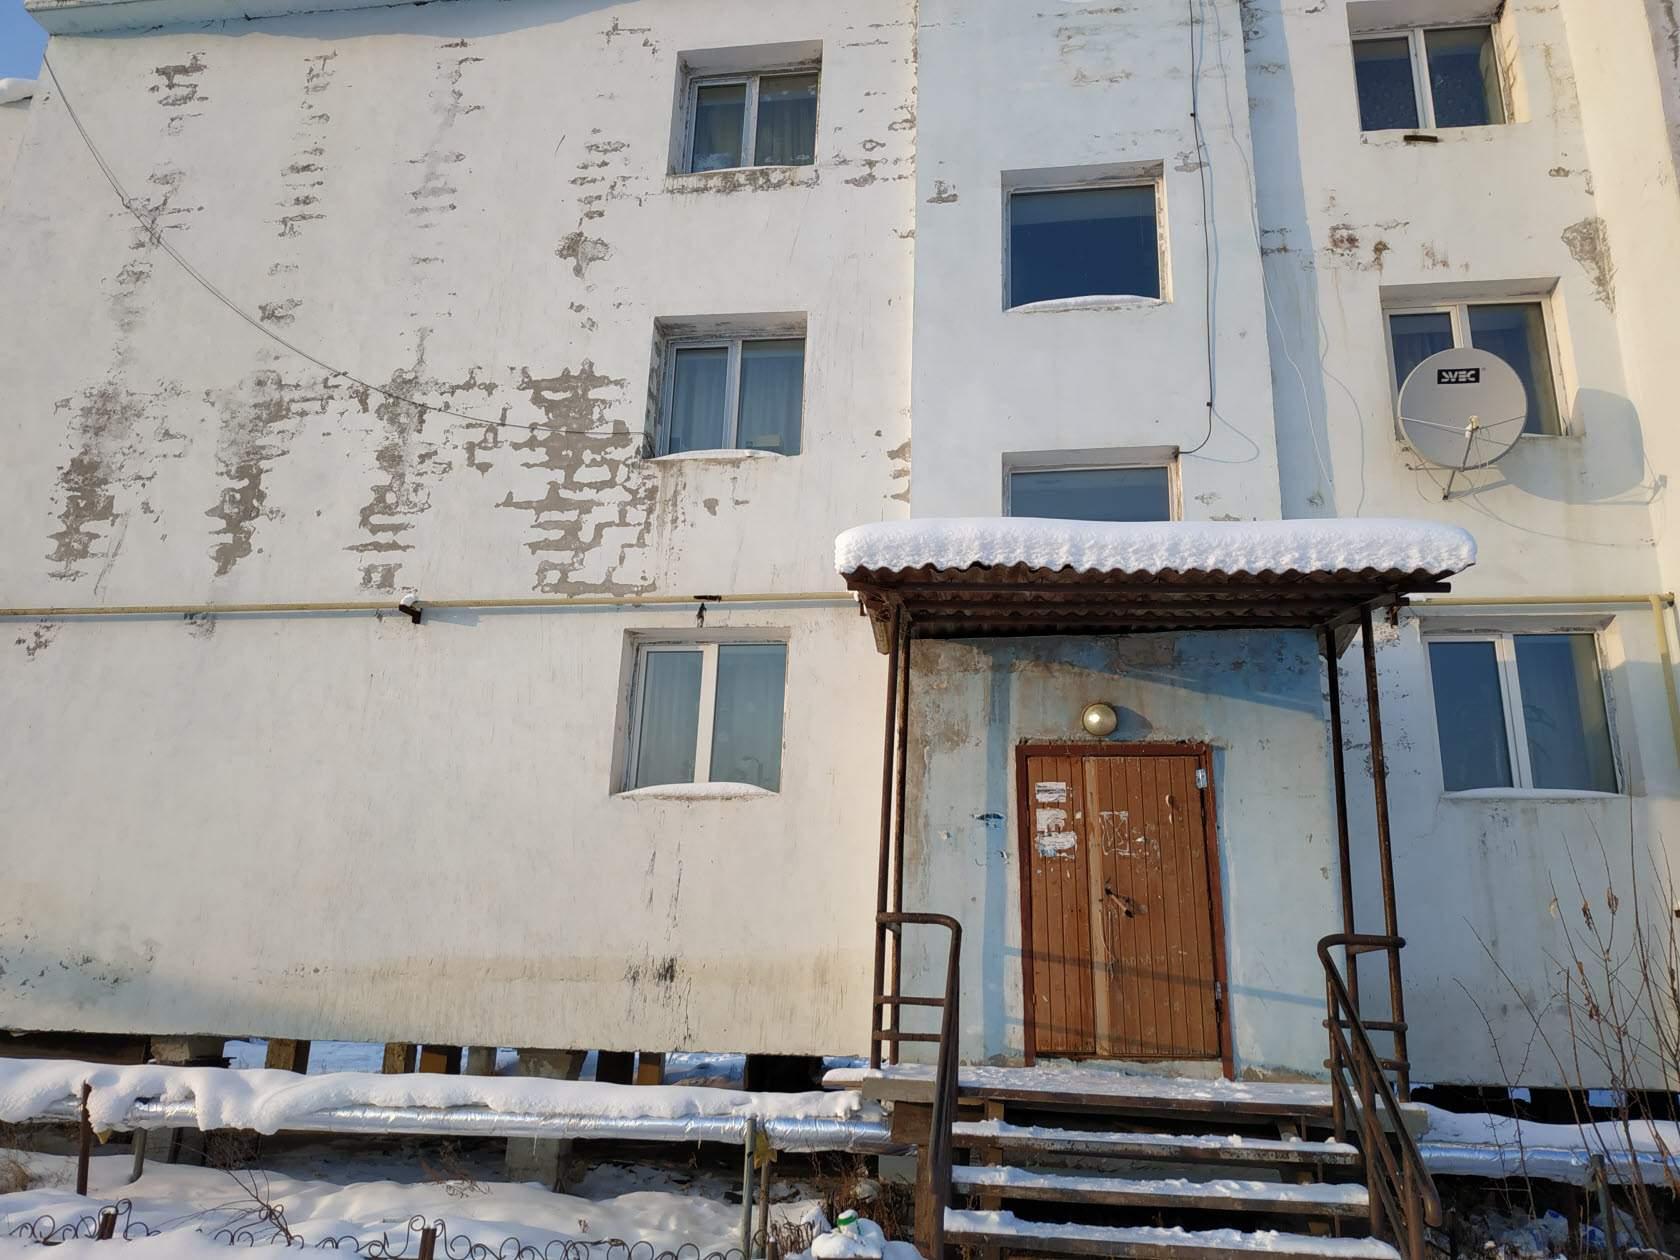 Республика Саха (Якутия), Якутск, Якова Петерса улица, д.4